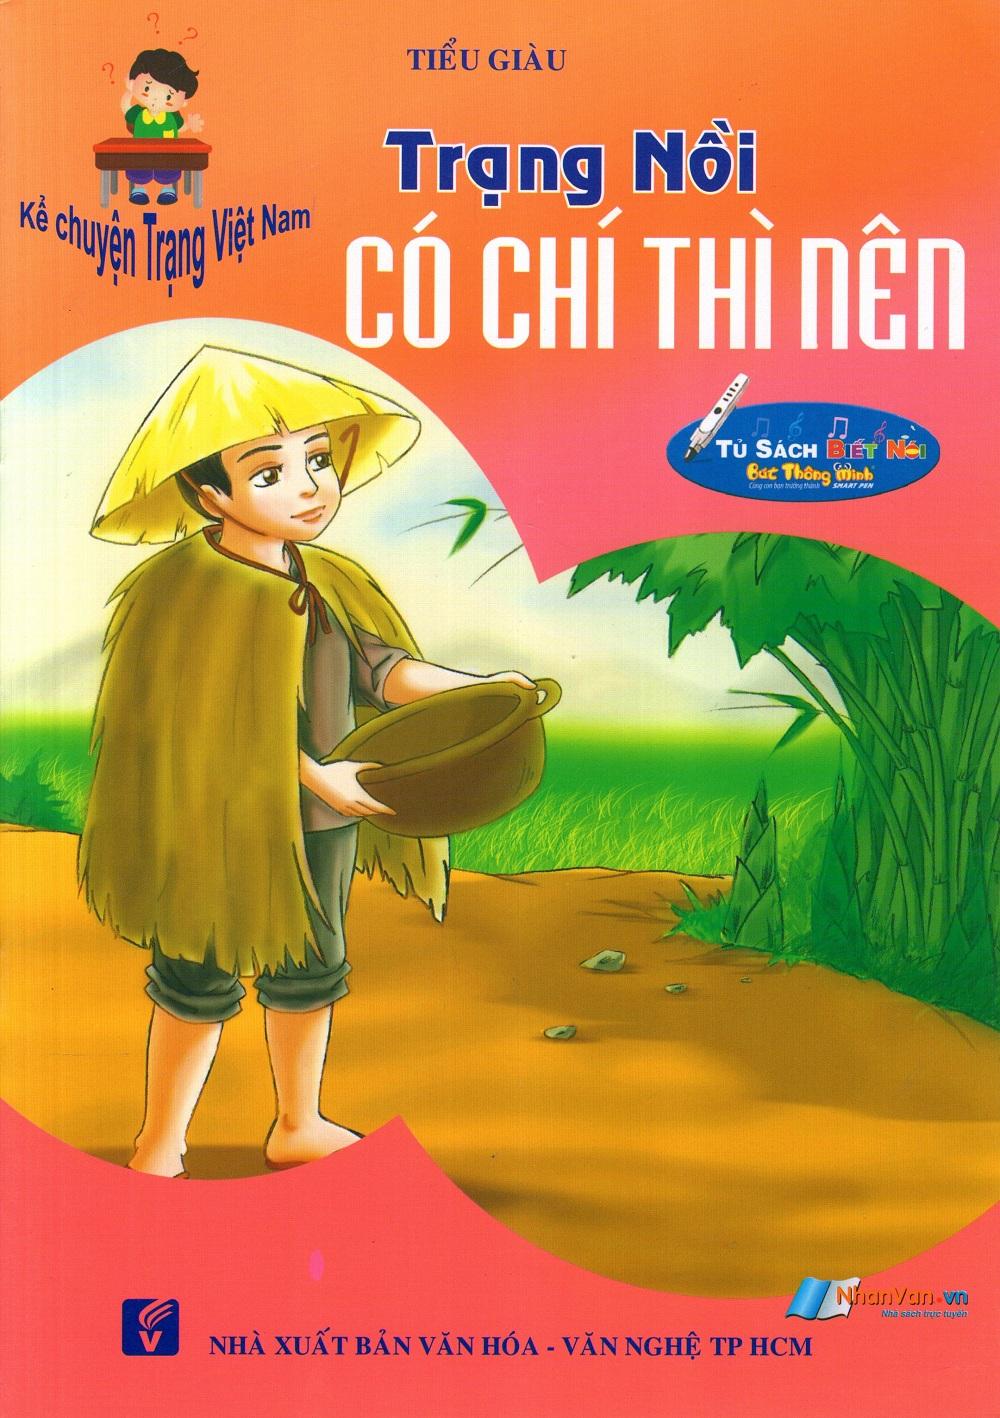 Bìa sách Kể Chuyện Trạng Việt Nam: Trạng Nồi - Có Chí Thì Nên